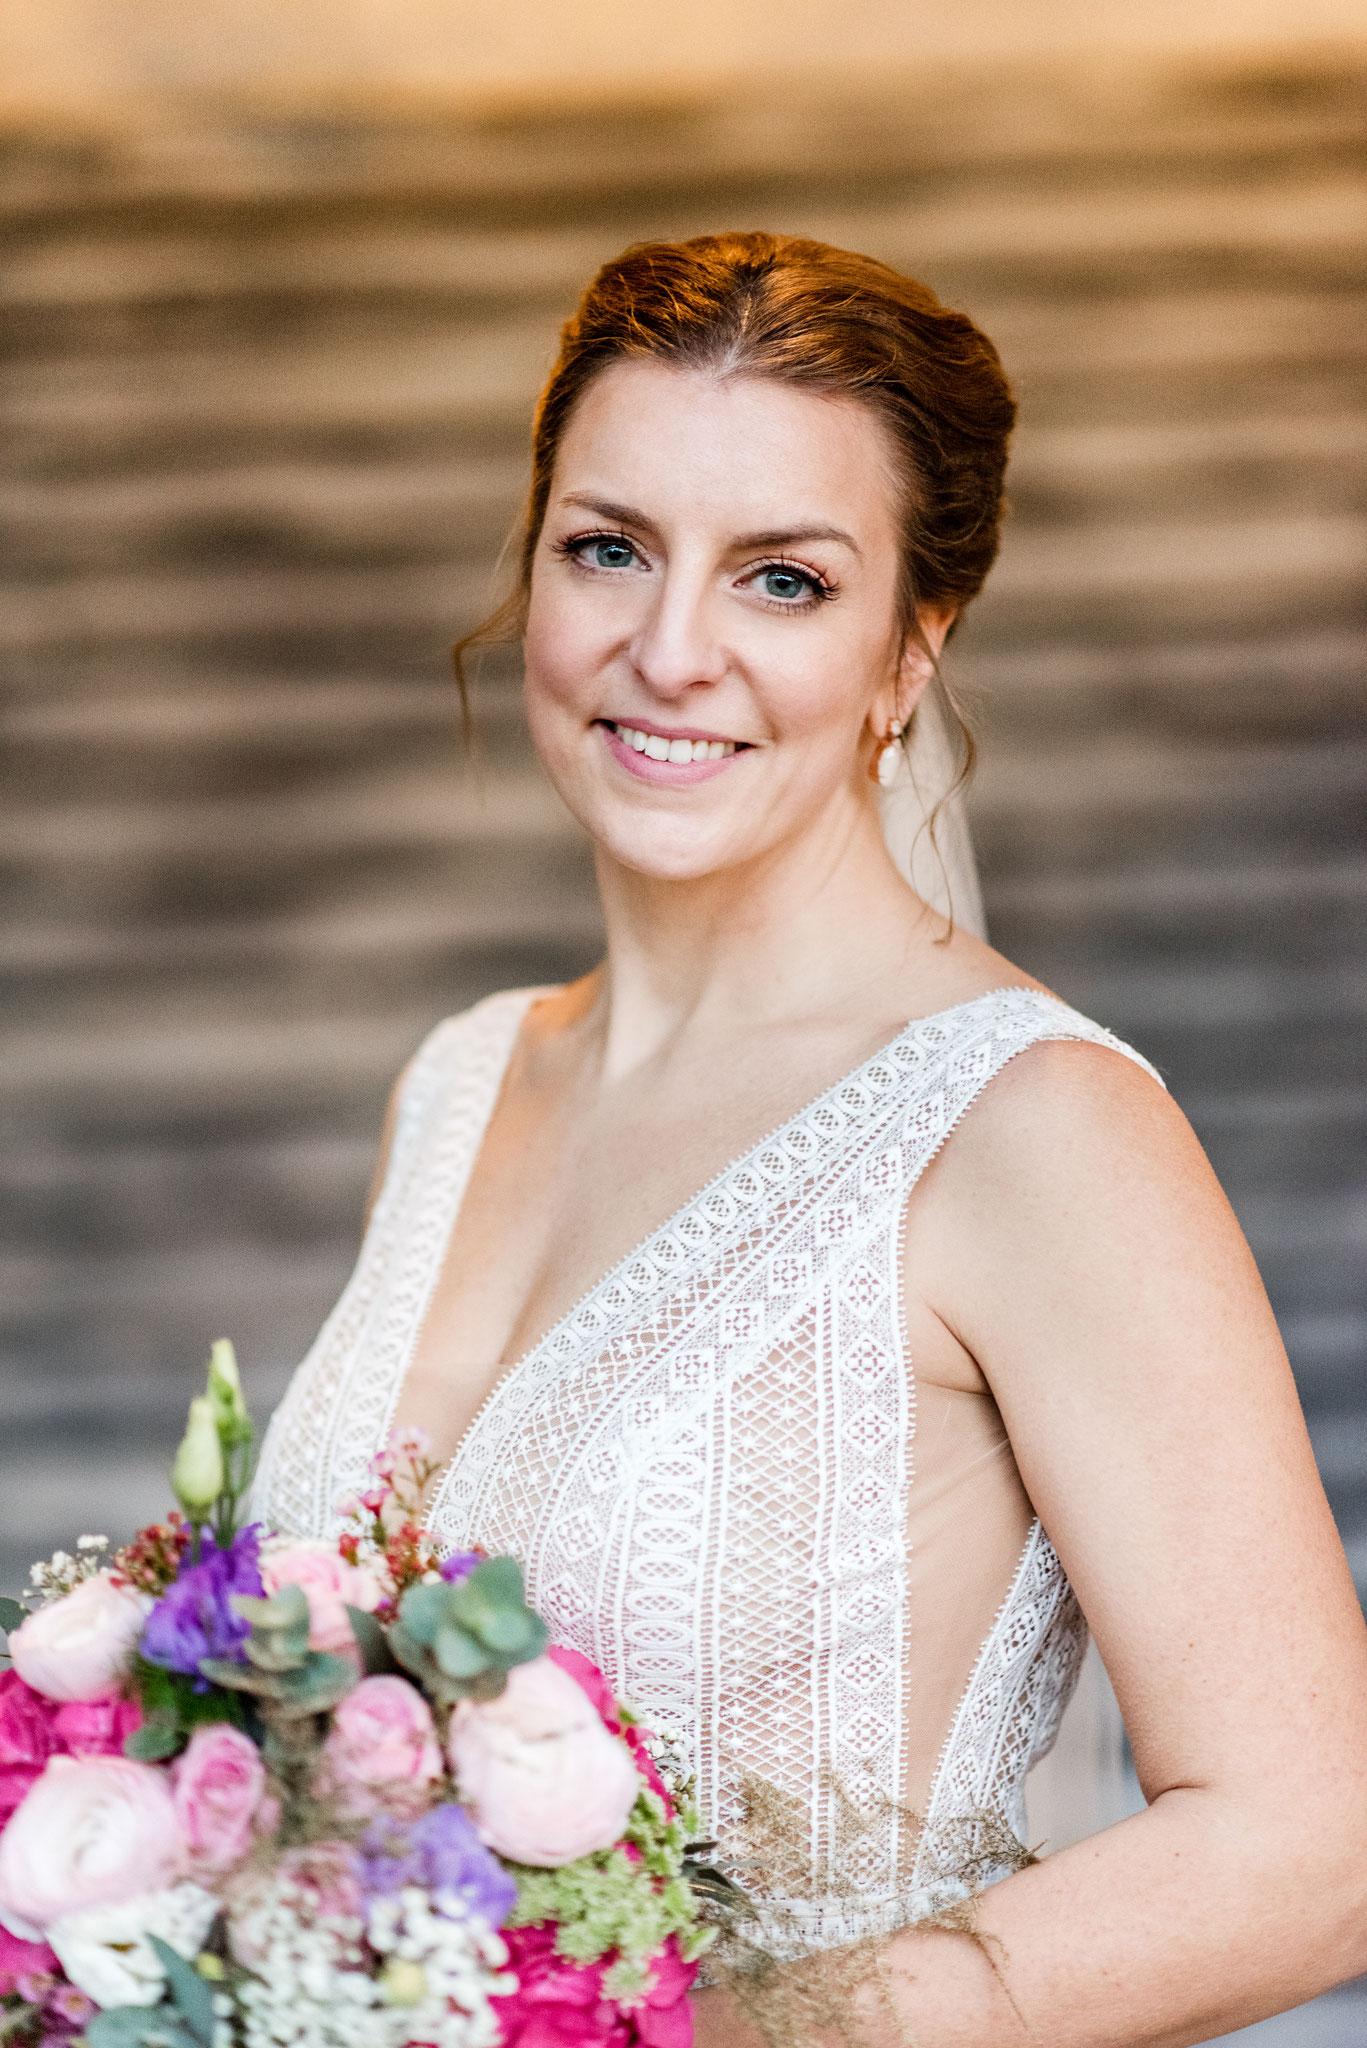 Real Bride mit Blumenstrauß Make-up und Haarstyling Foto by Jamie Allen Photography